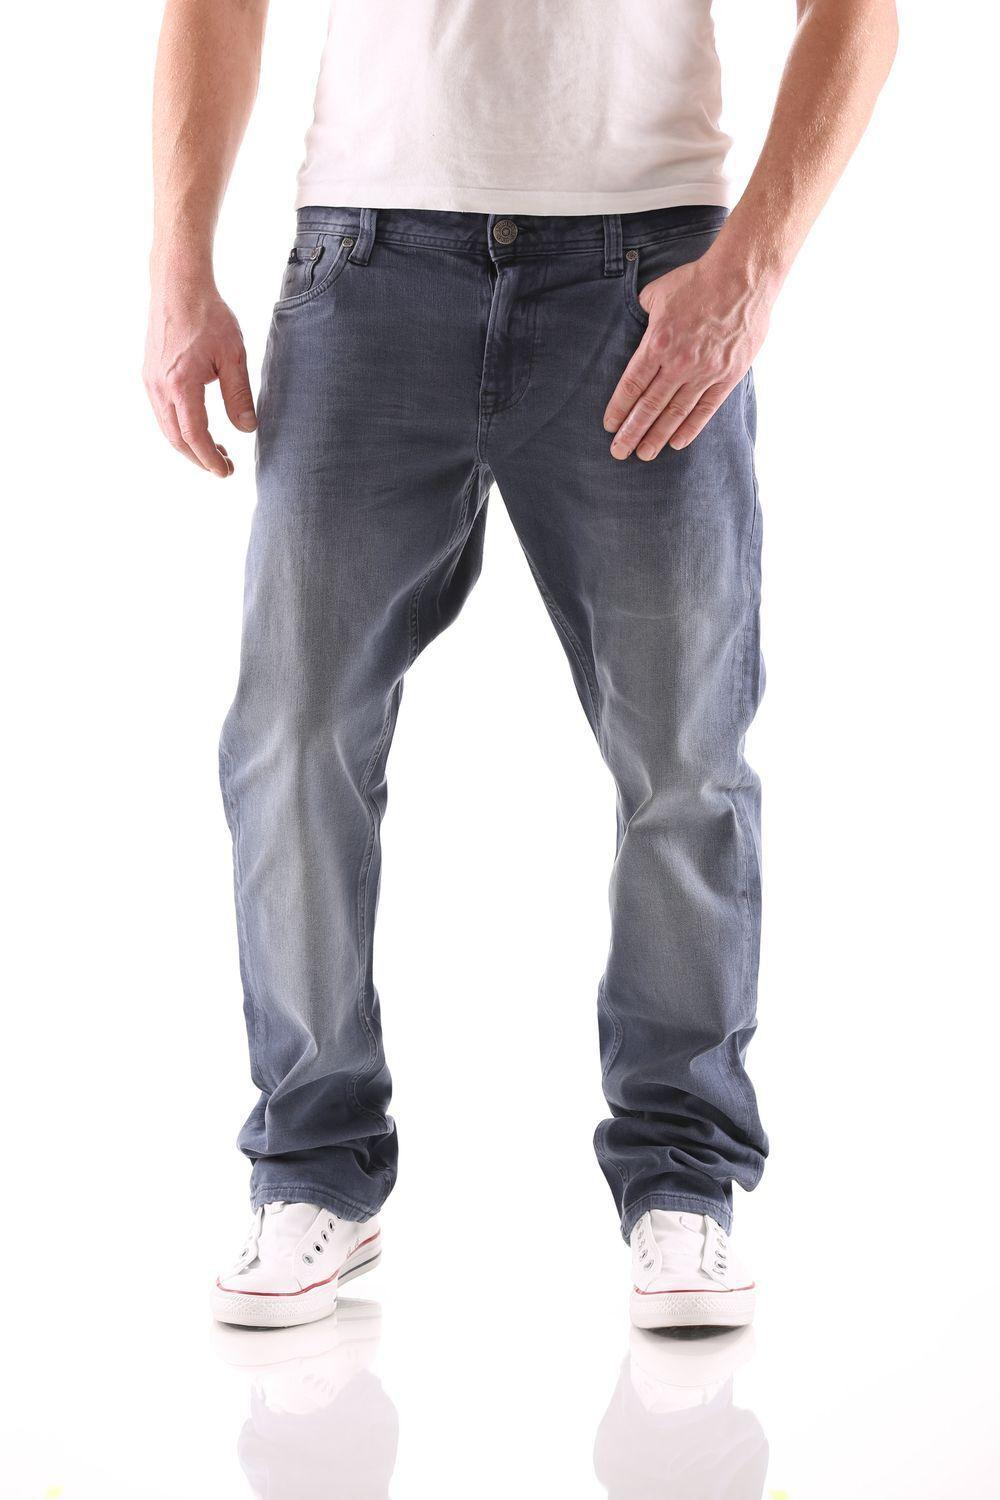 Big Seven Stanley Teal bluee Regular Men's Jeans New